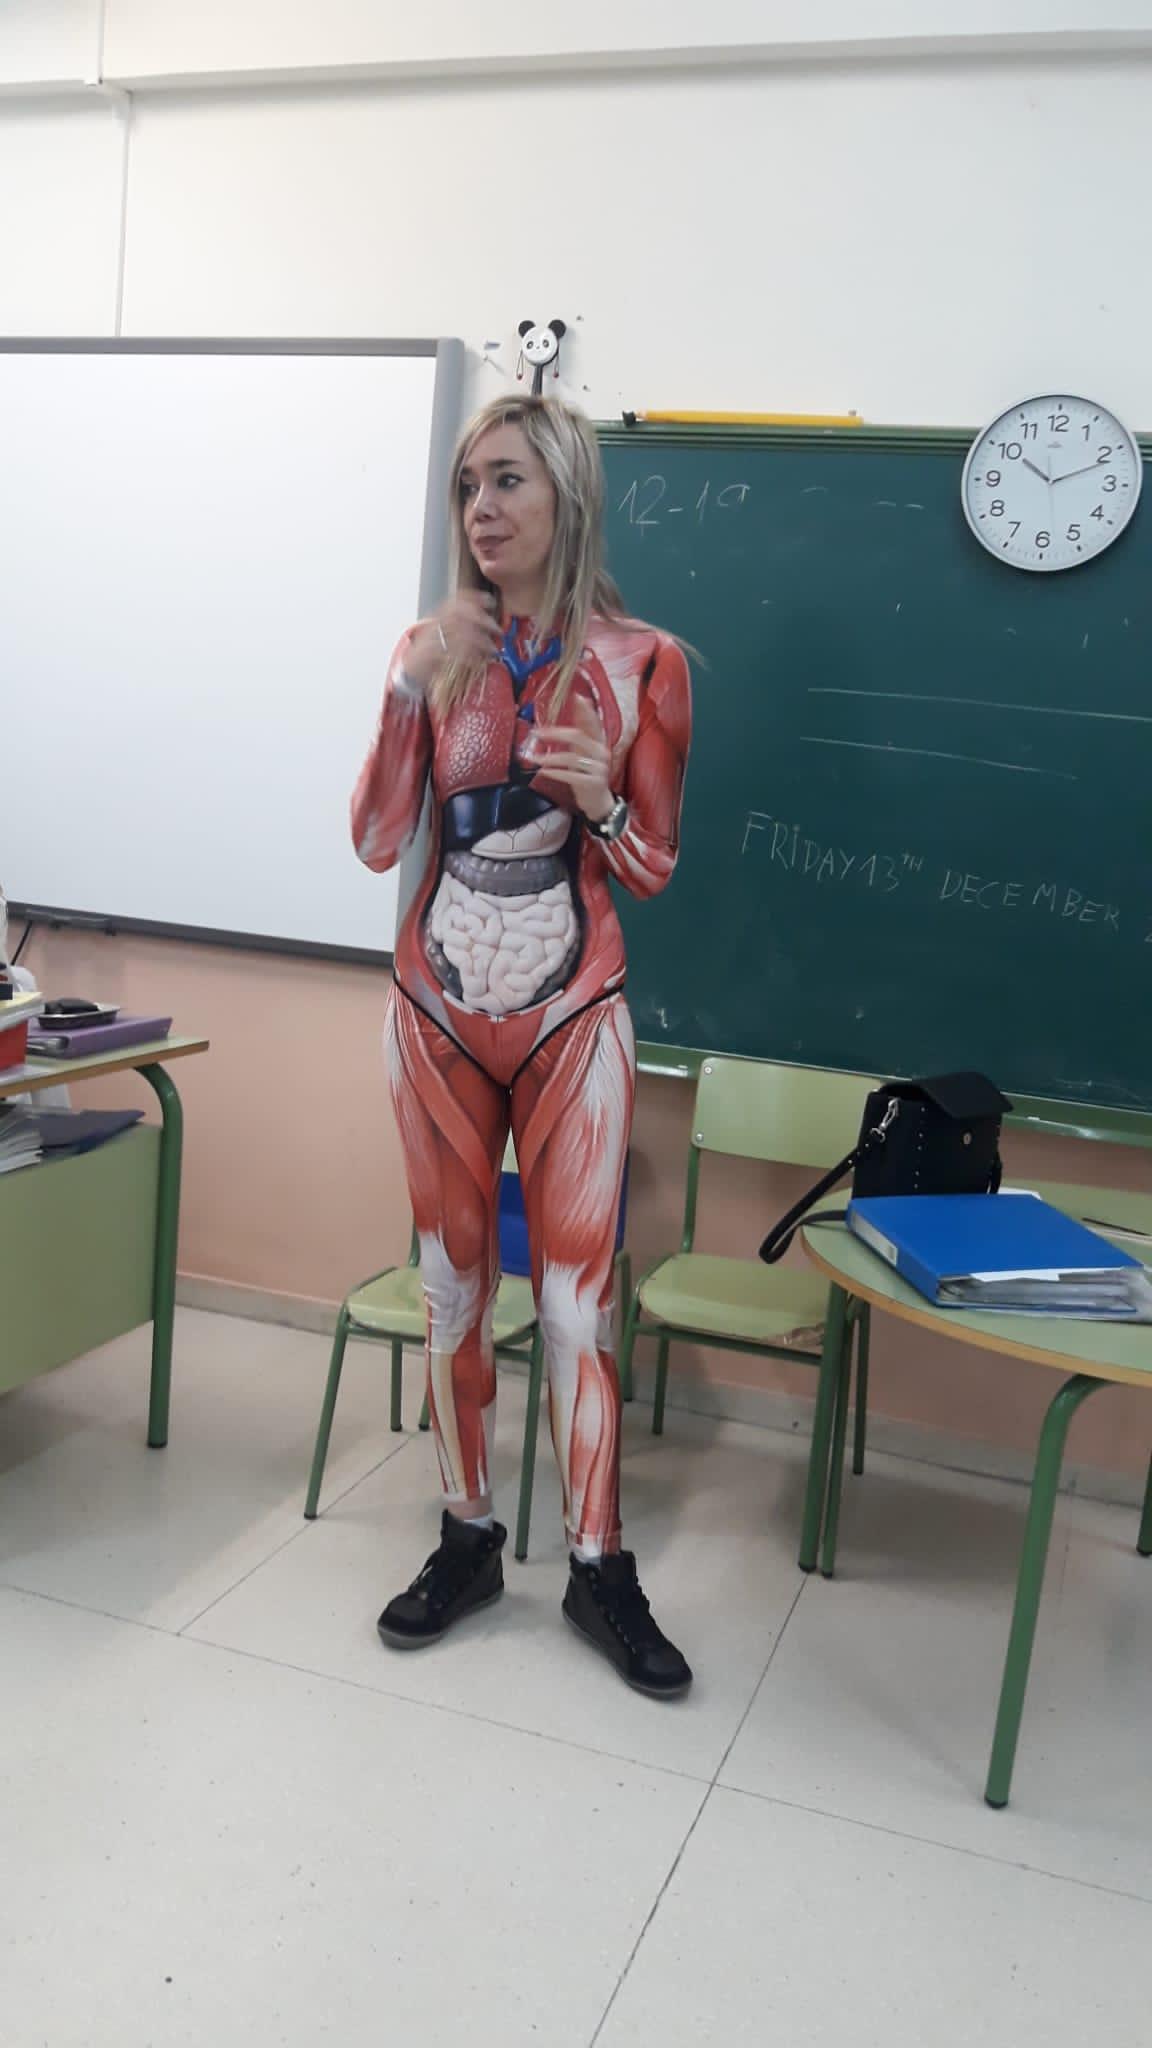 Δασκάλα διδάσκει στη τάξη με φόρμα ανατομίας του σώματος